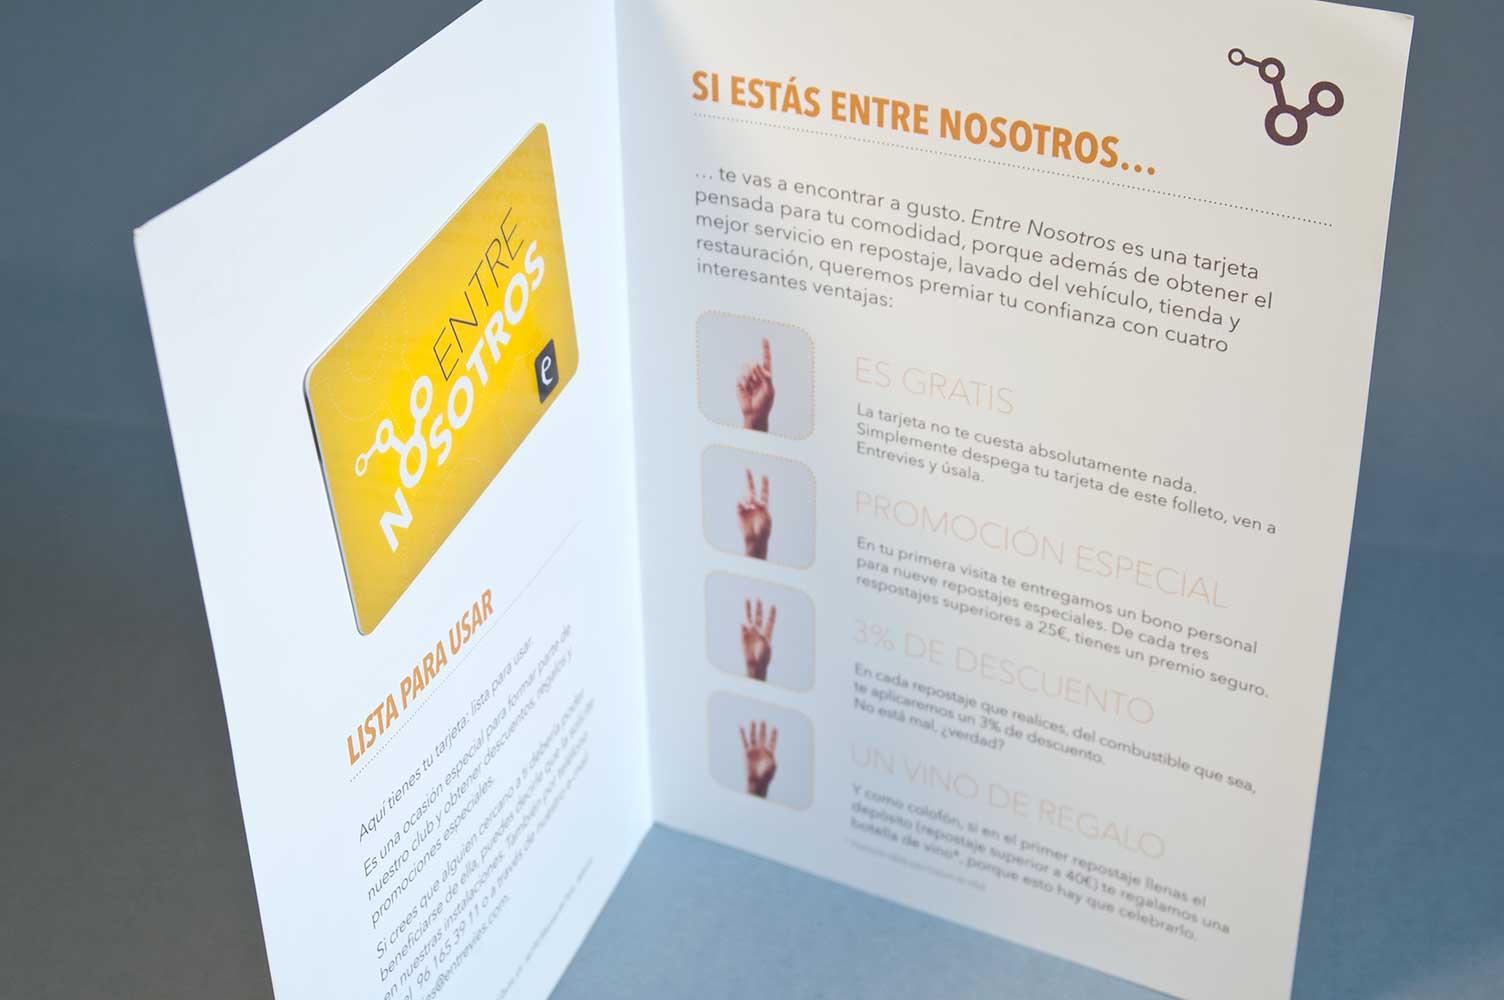 Interior folleto para campaña tarjeta de cliente EntreNosotros